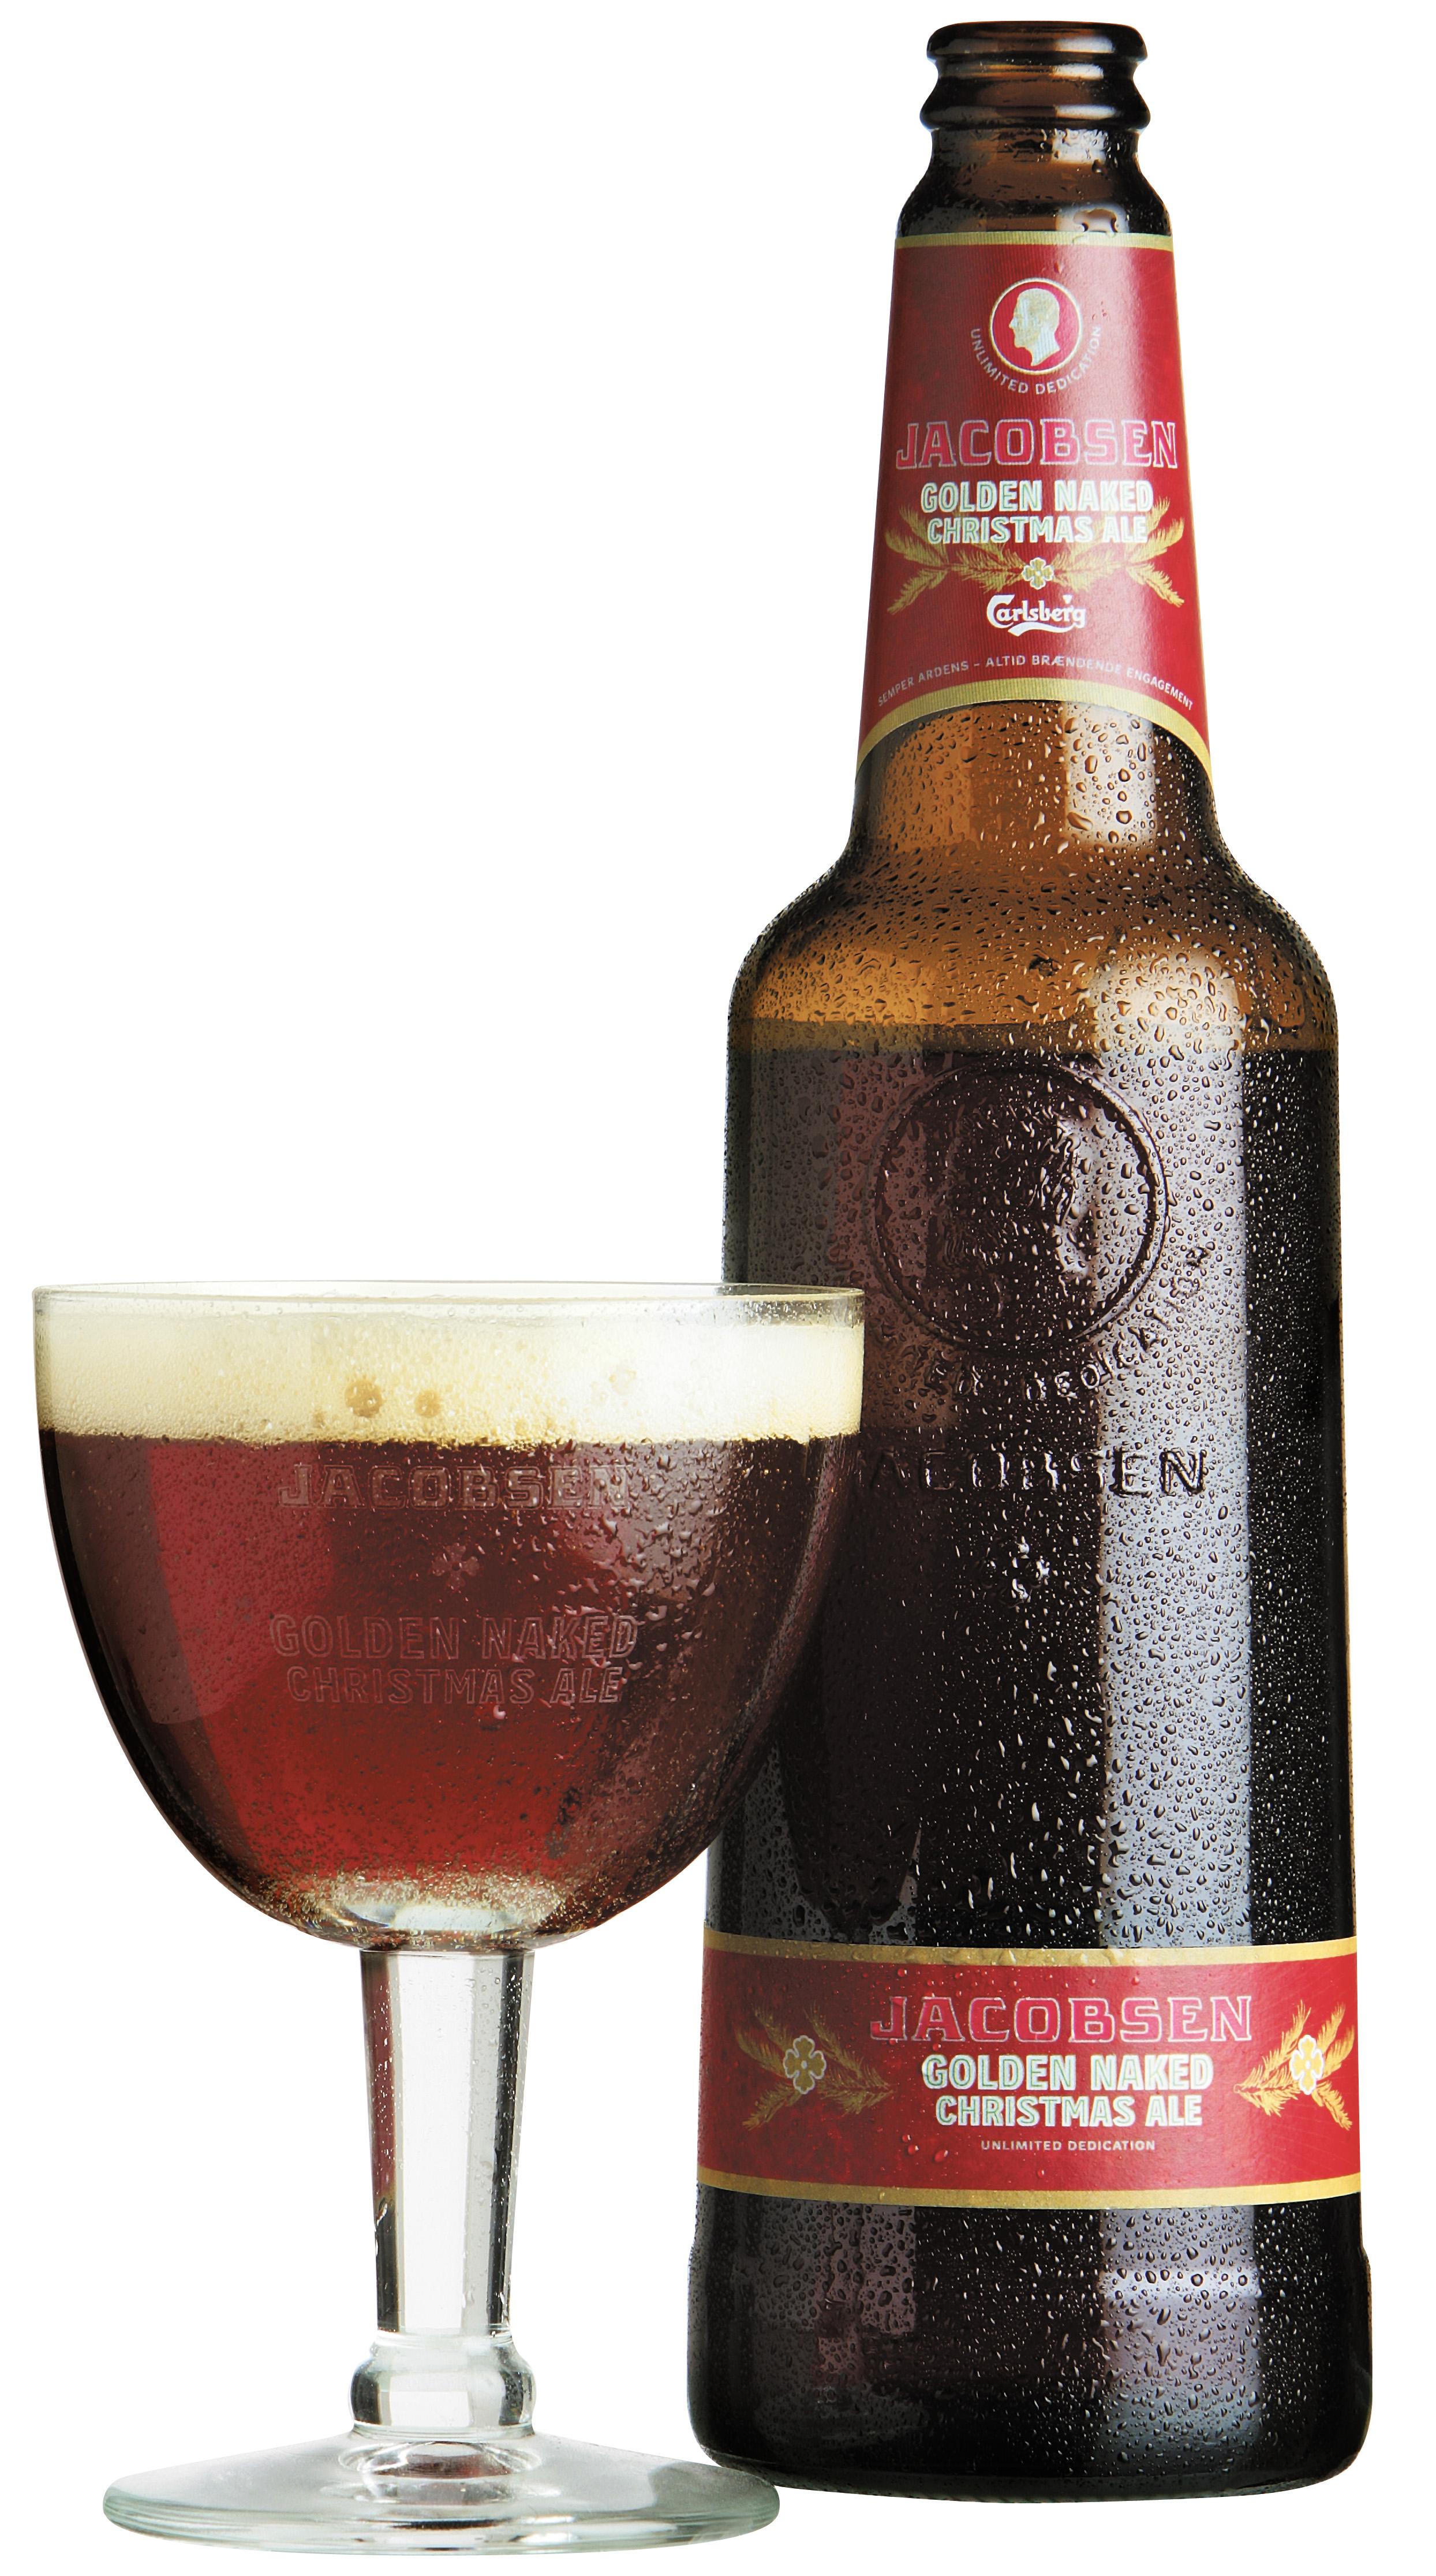 Jacobsen Golden Naked Christmas Ale, Danmark (1136501